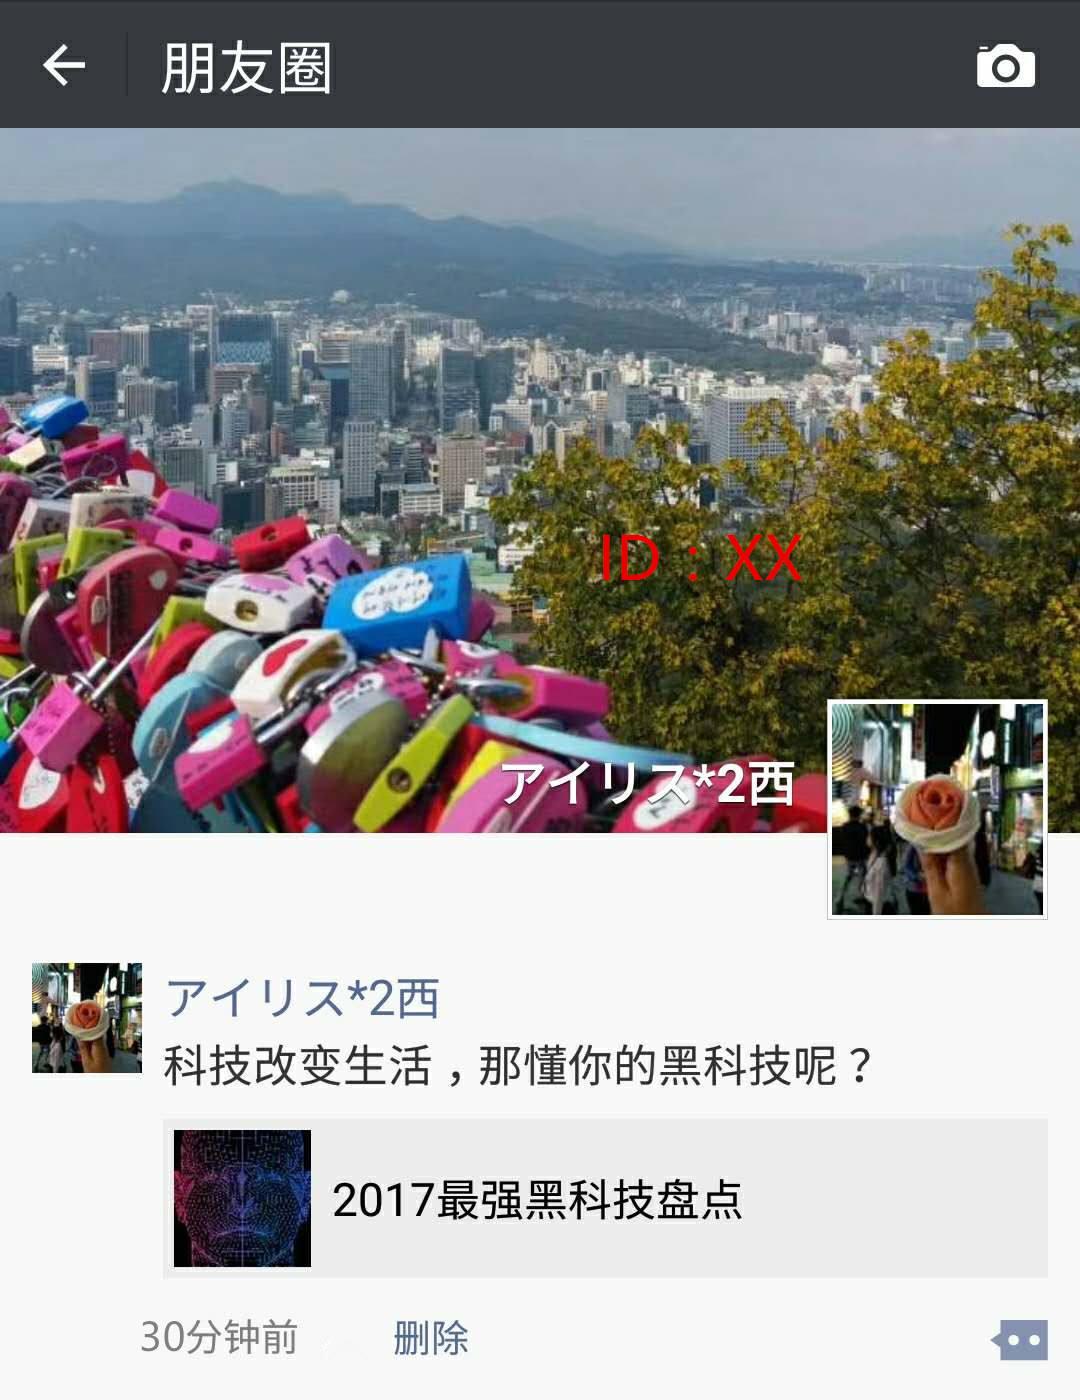 微信图片_20171226162652_副本.jpg